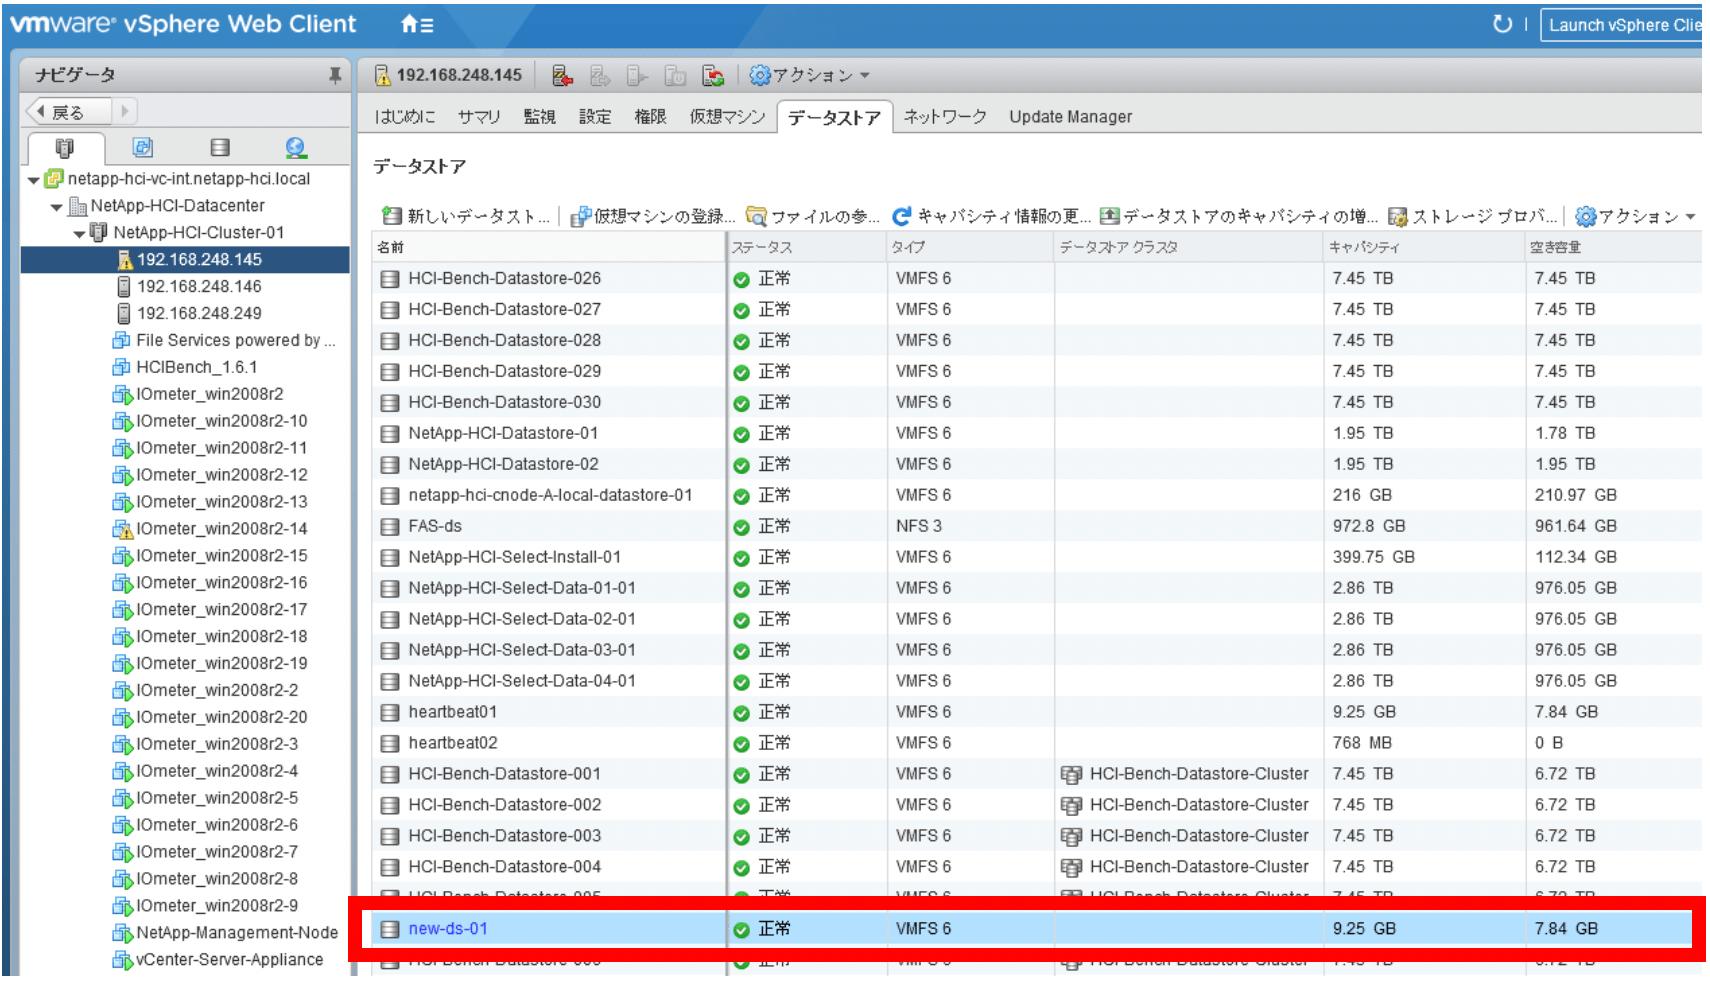 netapp-hci-data-store-004